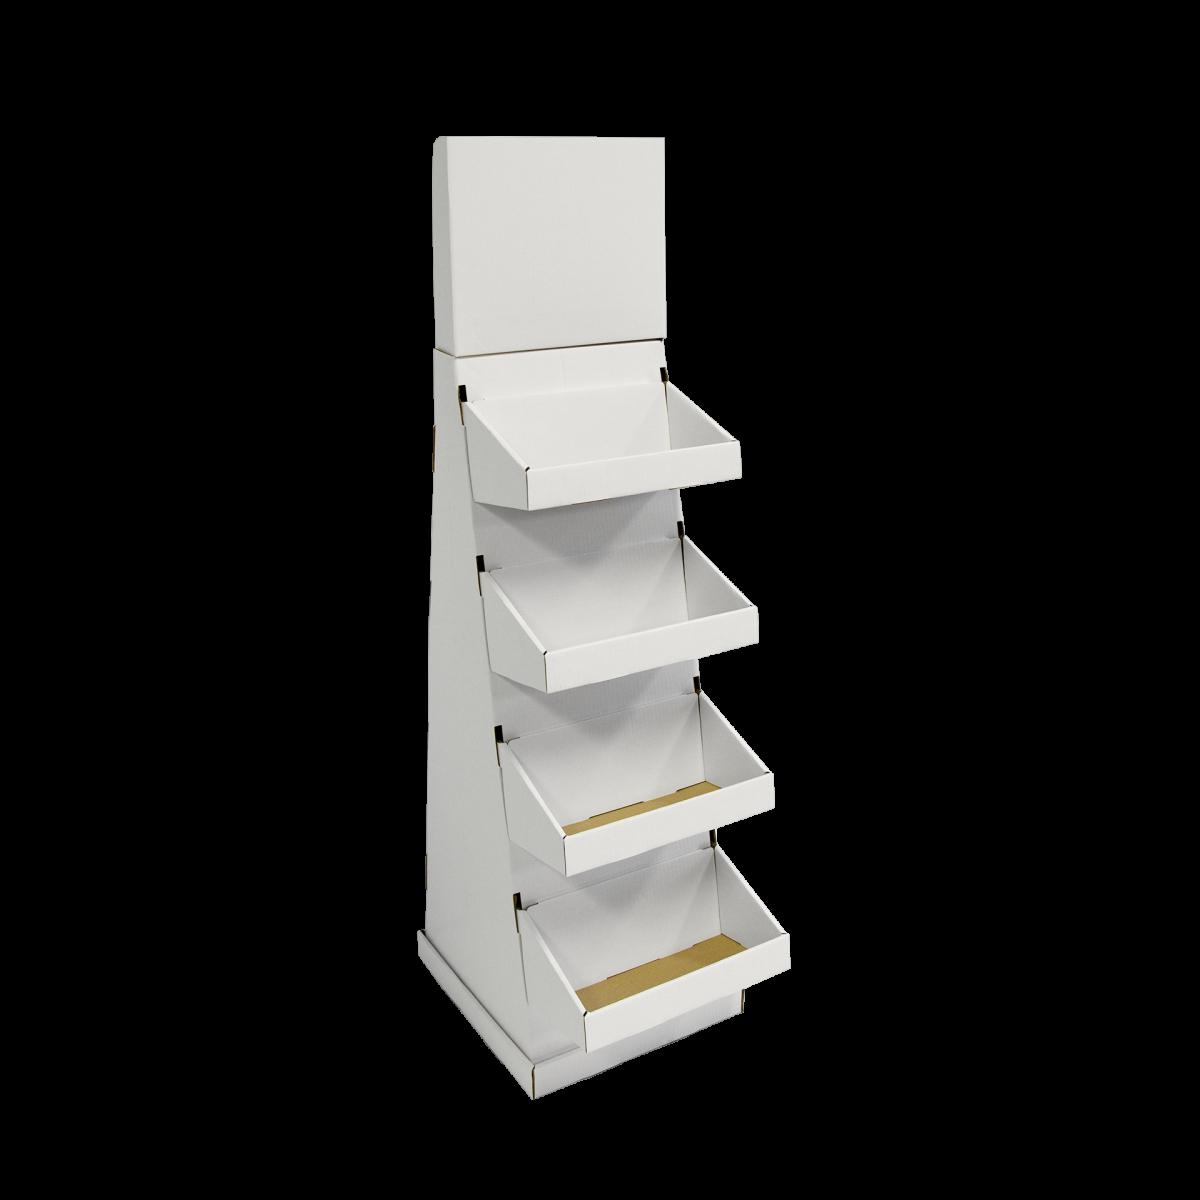 Présentoir de plancher en carton avec en-tête et tablettes, avec butoir au plancher (version grande aussi disponible) - blanc